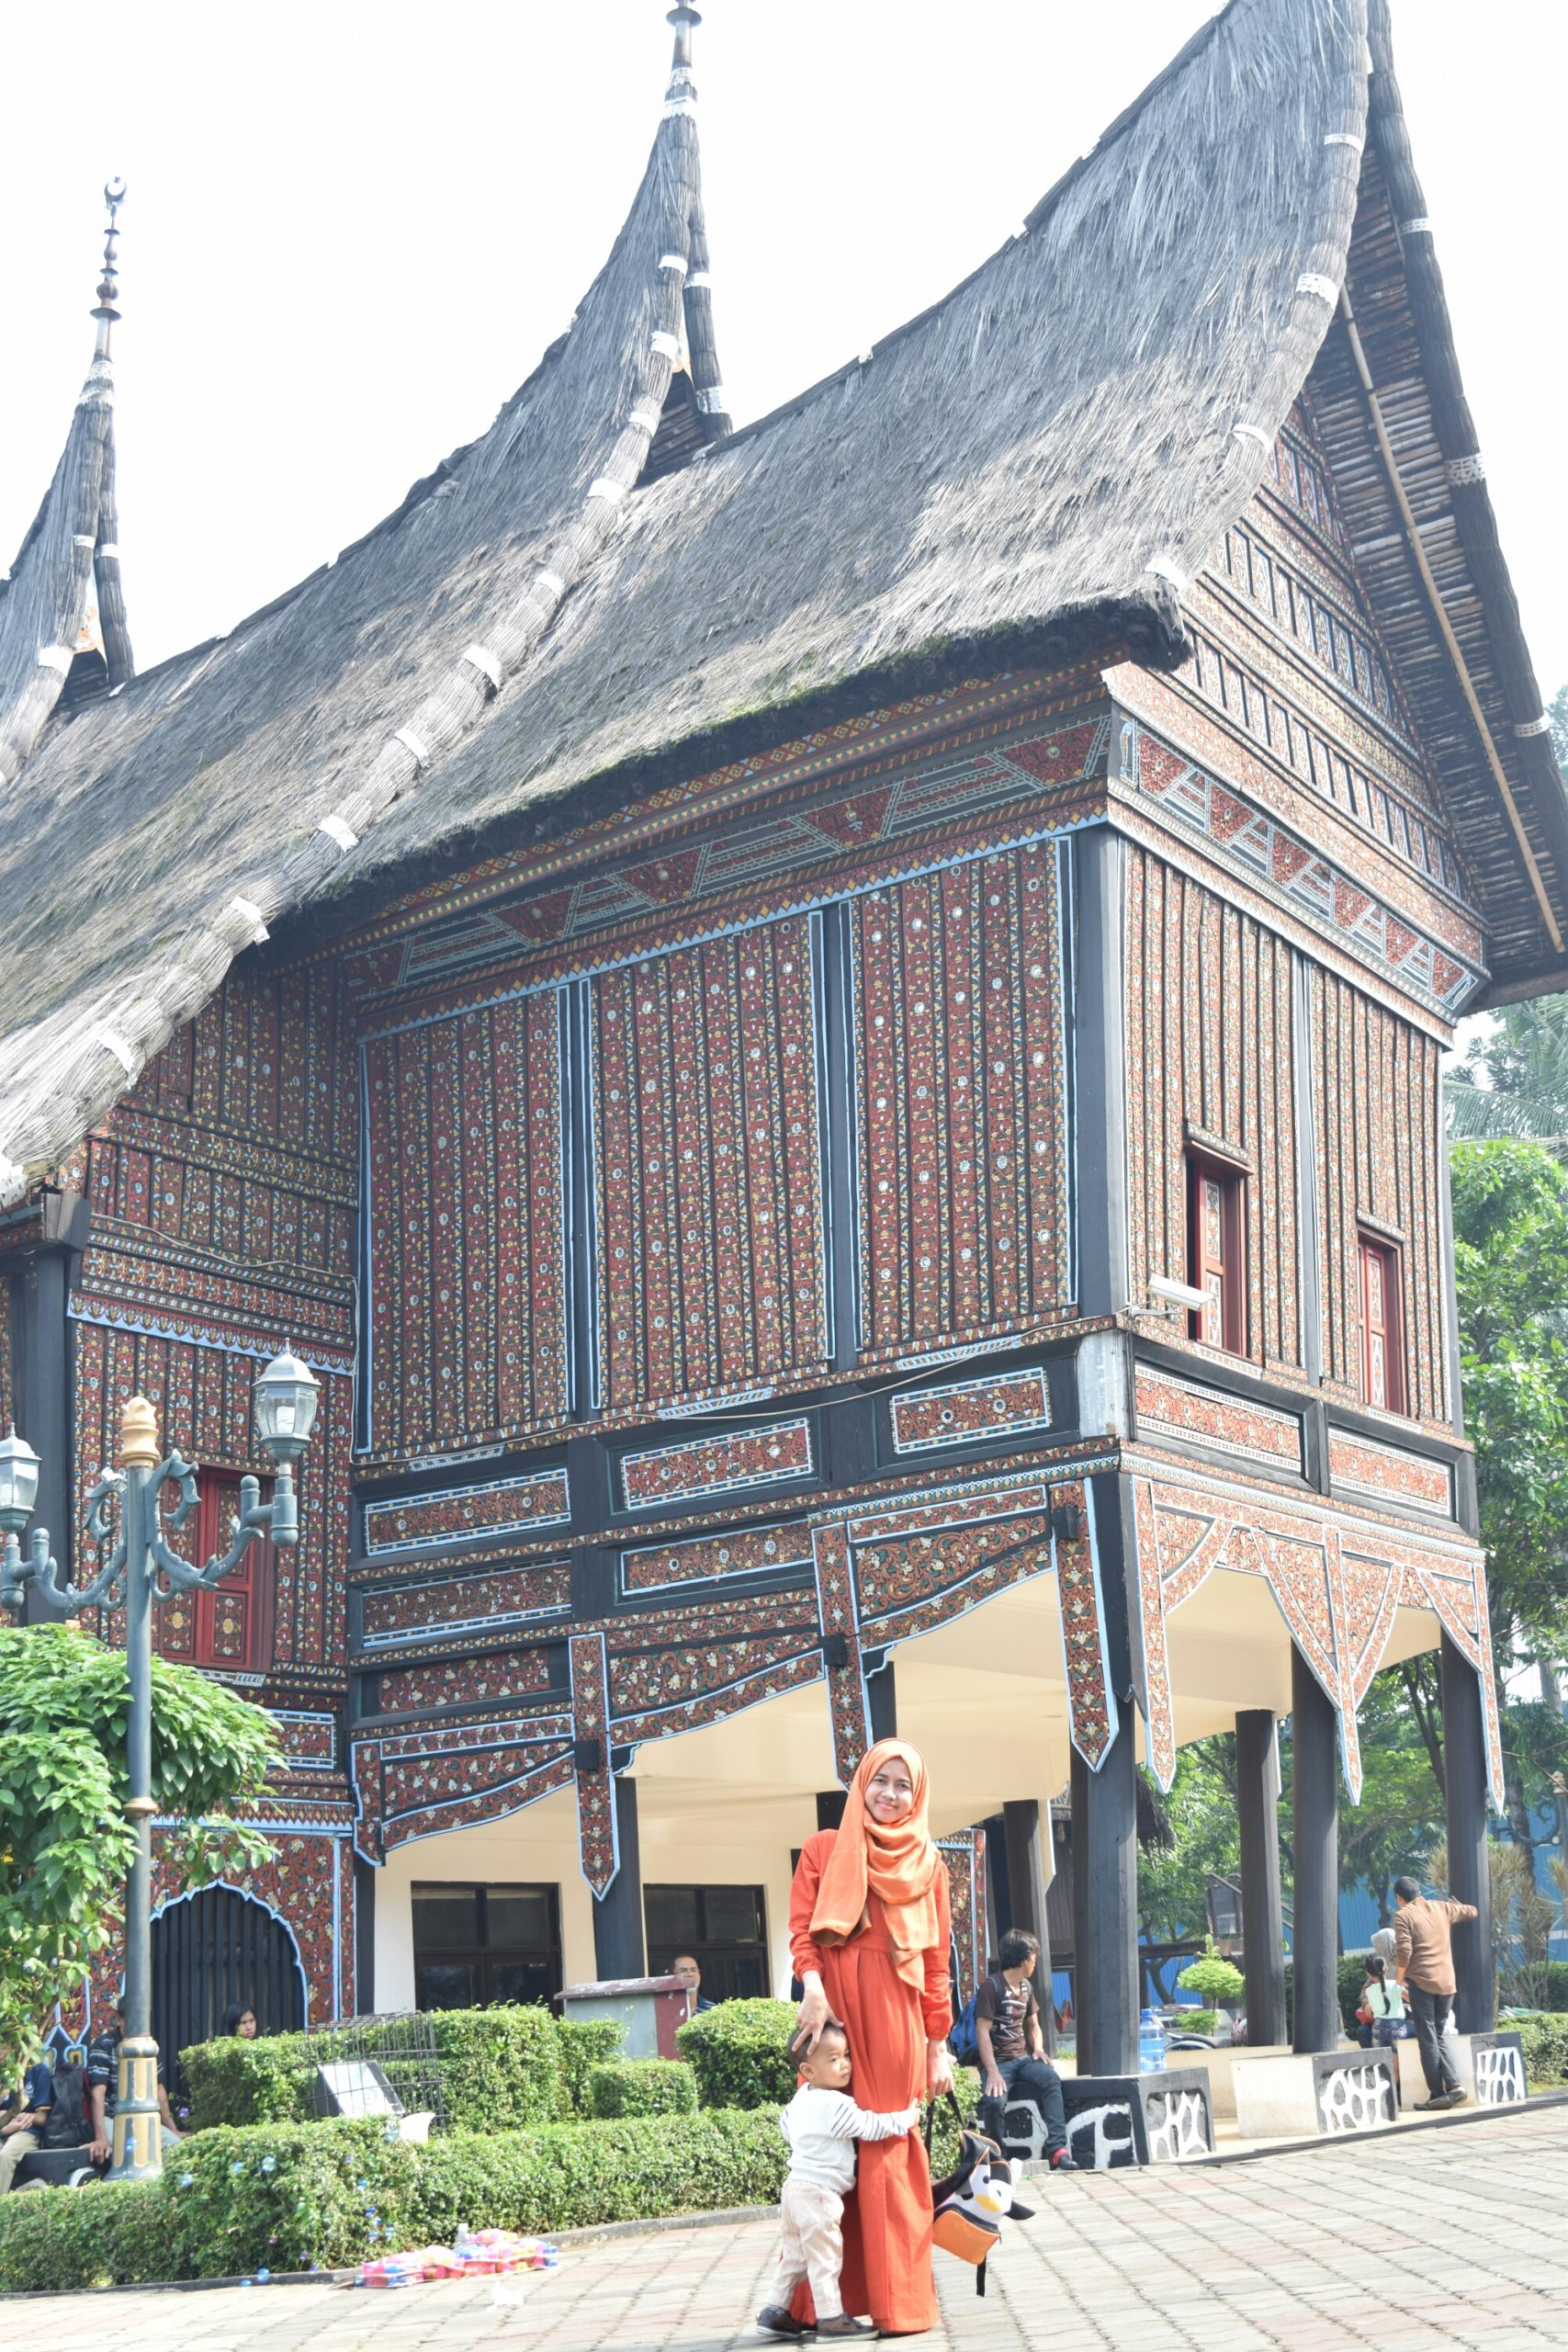 (Mini) Monumen Nasional dan (Anjungan) Rumah Adat Tradisional TMII